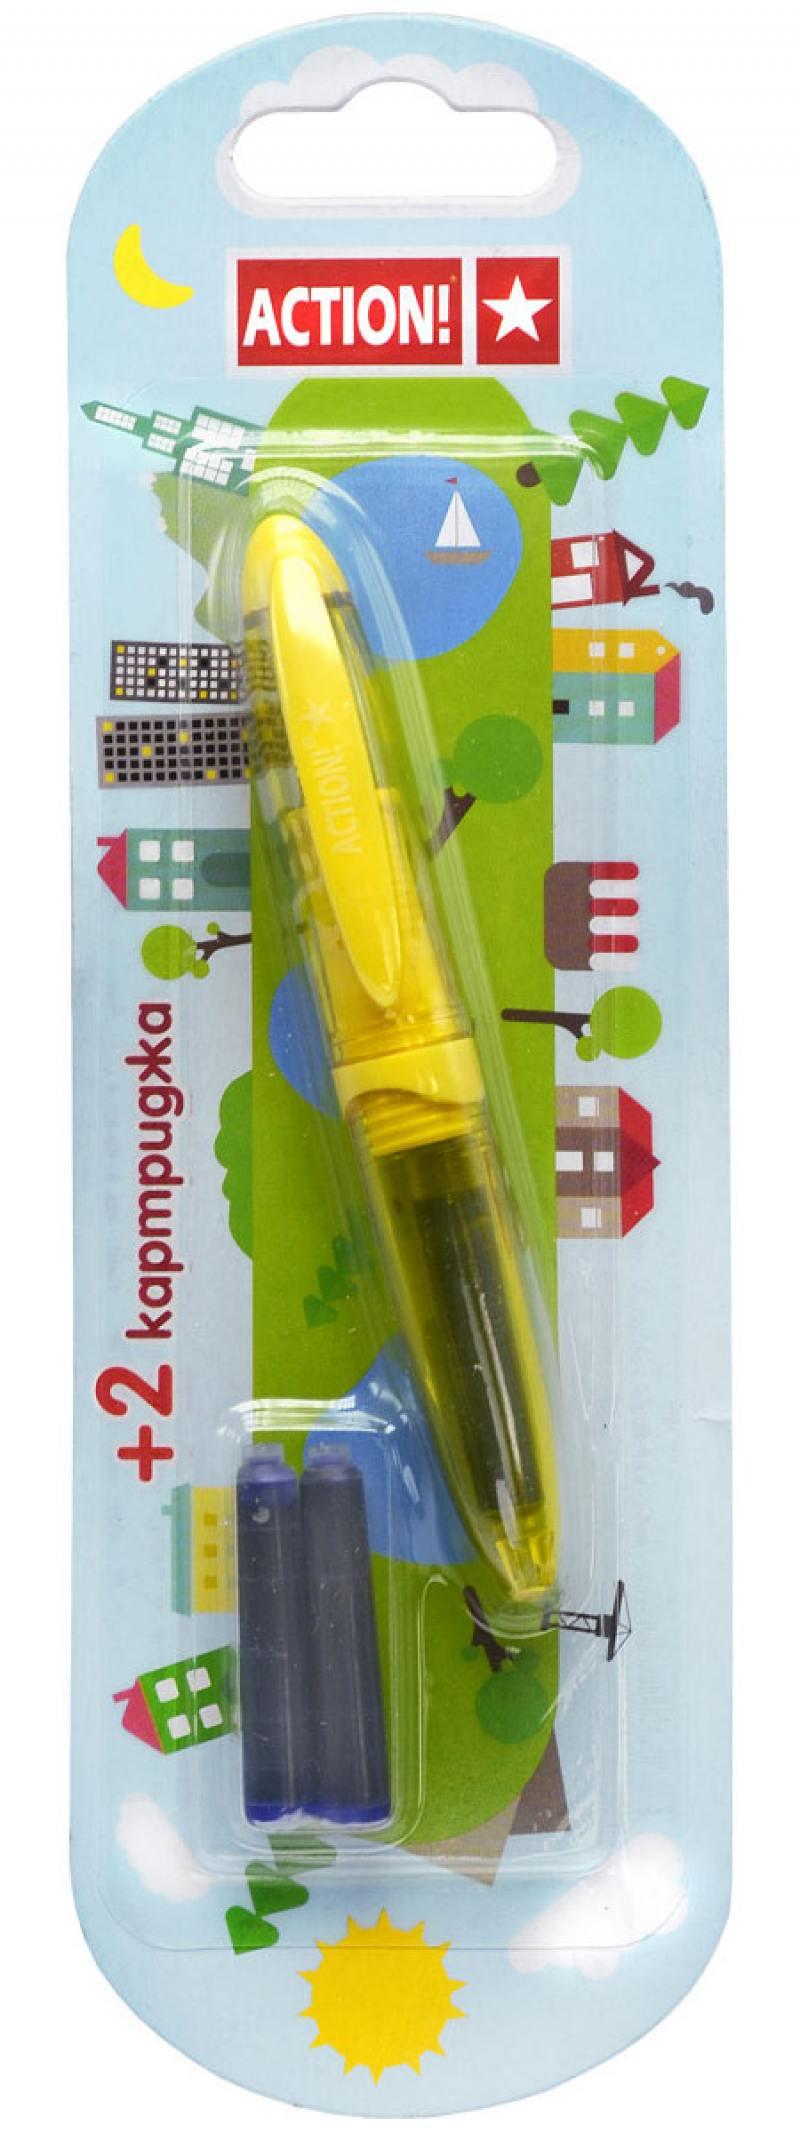 Перьевая ручка ACTION!, резин. упор, син. чернила, 2 картриджа в комплекте